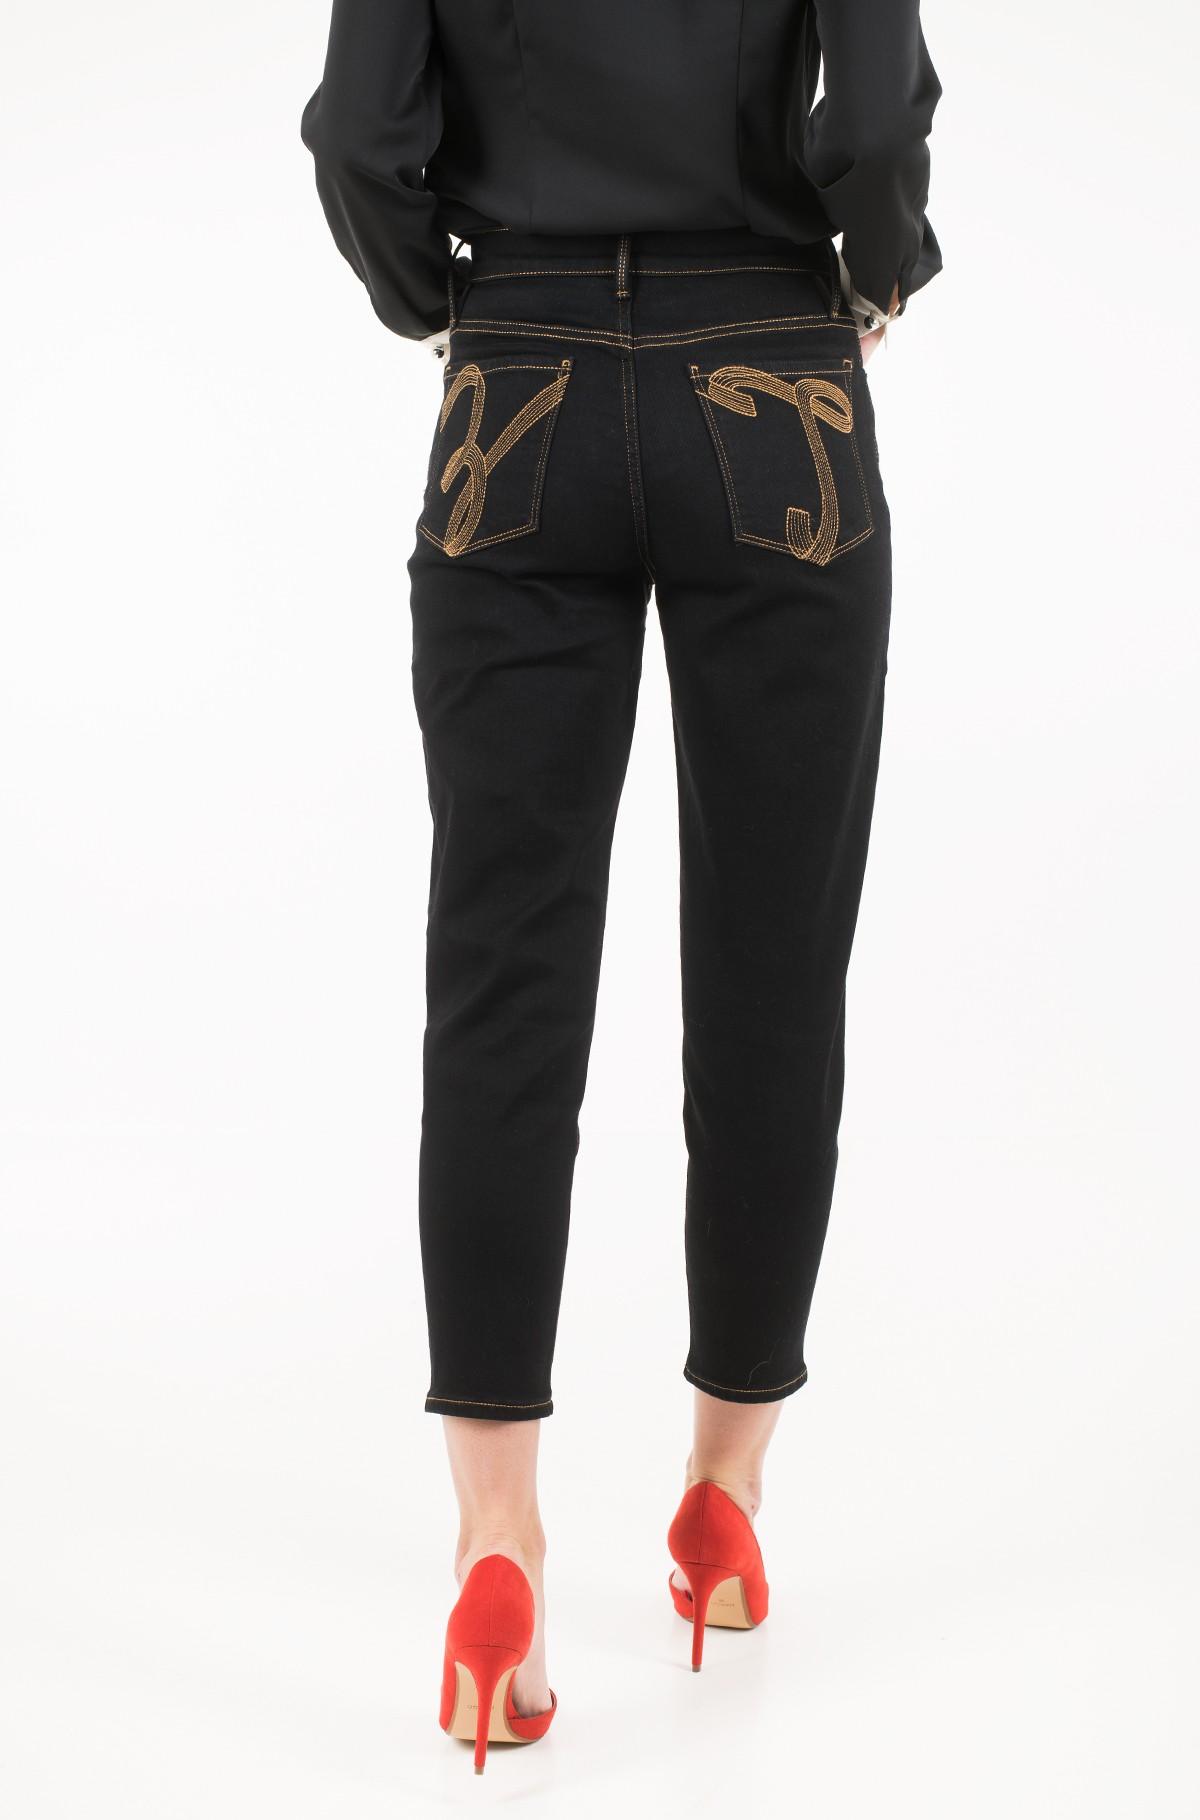 Jeans ZENDAYA HW SKINNY DENIM PANT-full-2